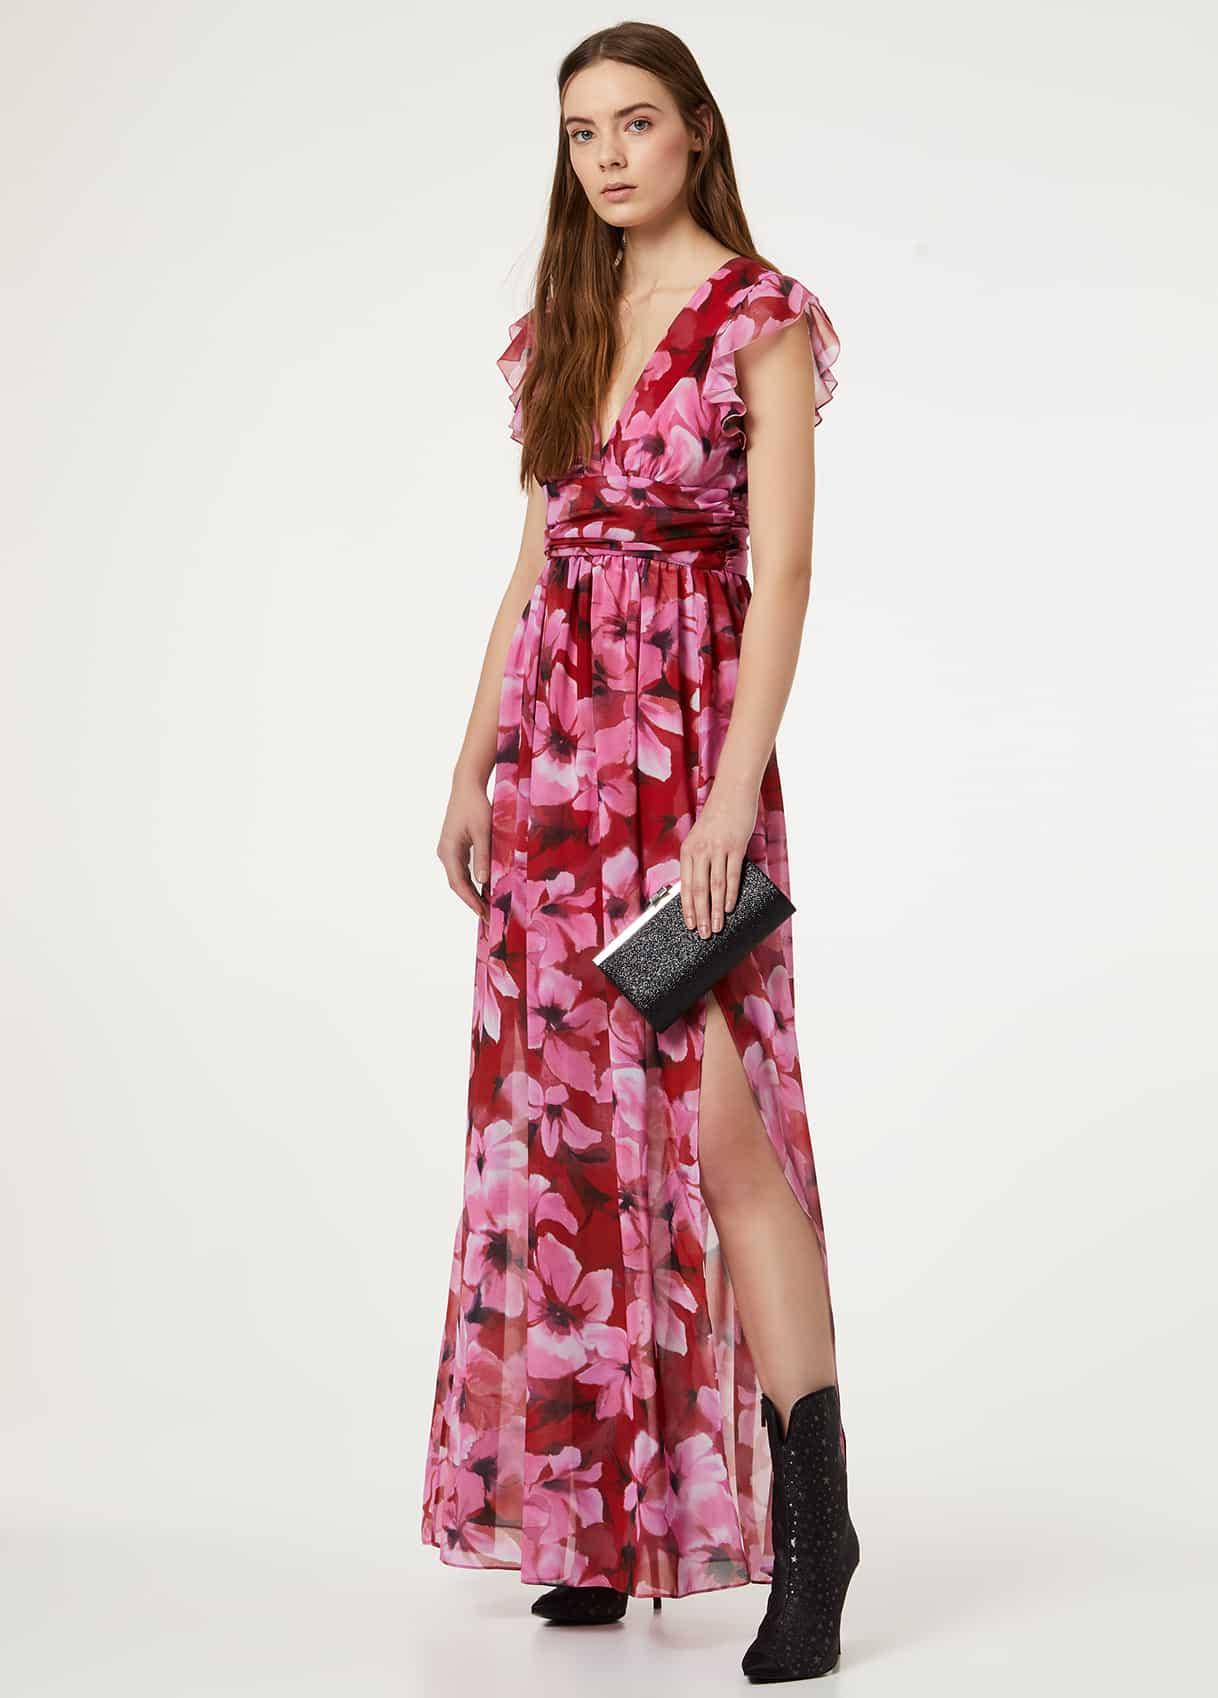 8053473001960-Dresses-maxidresses-IA0157T2361U9783-I-AO-N-B-04-N